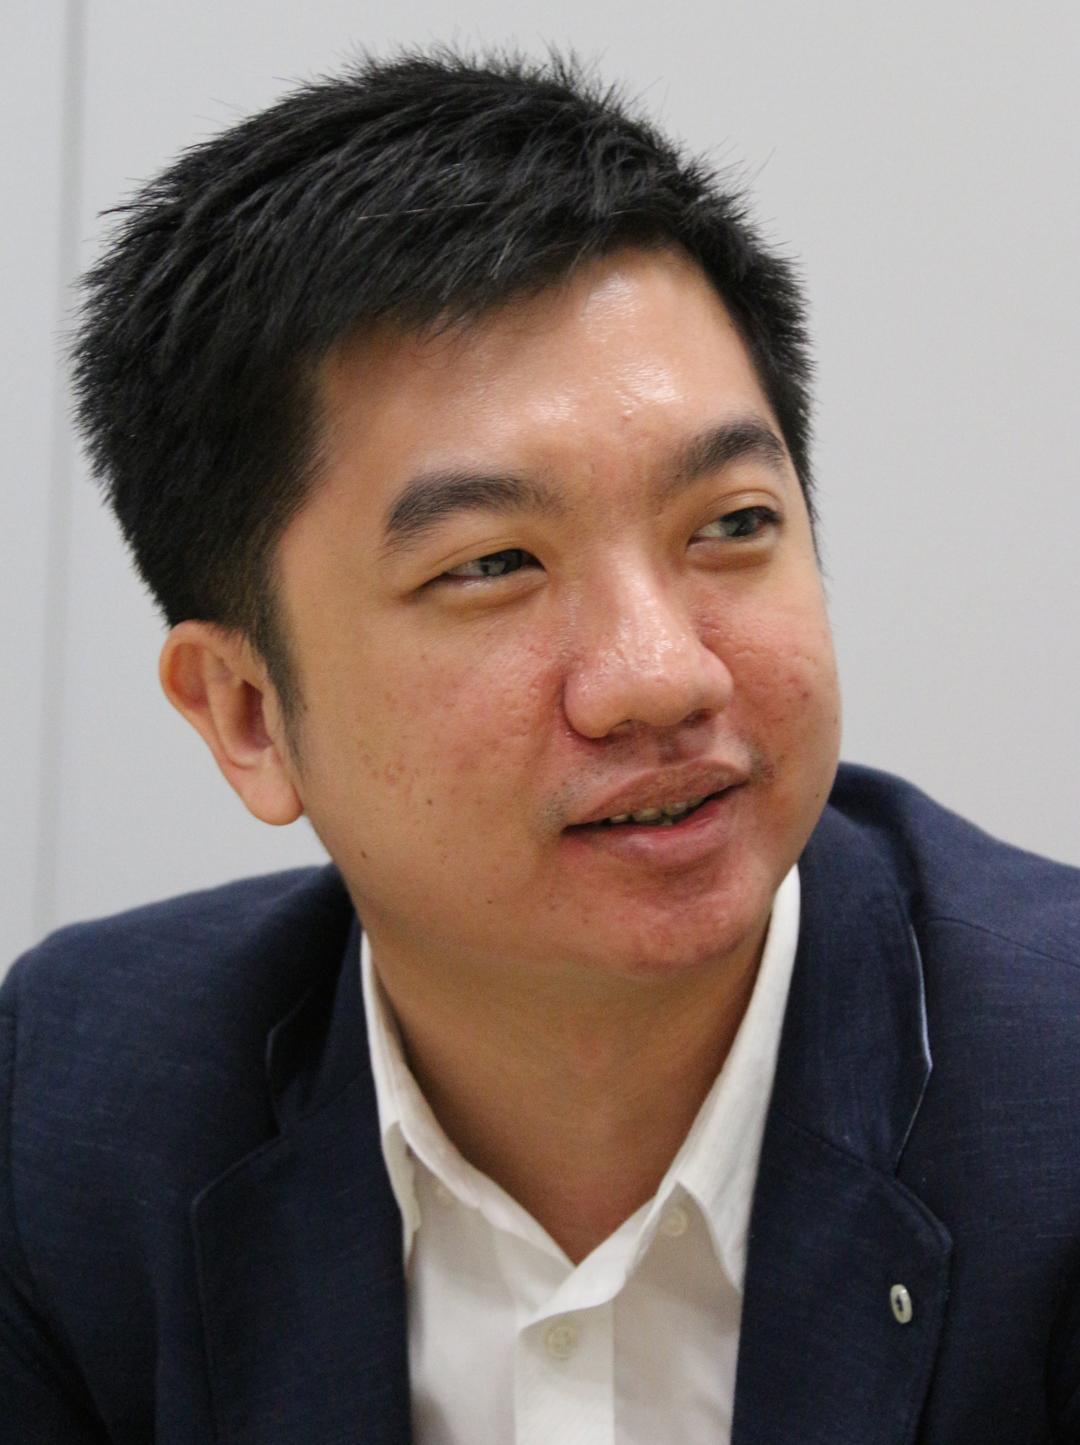 孫正義から電撃出資を受けた<br />インドネシア青年起業家『奇跡の一週間』